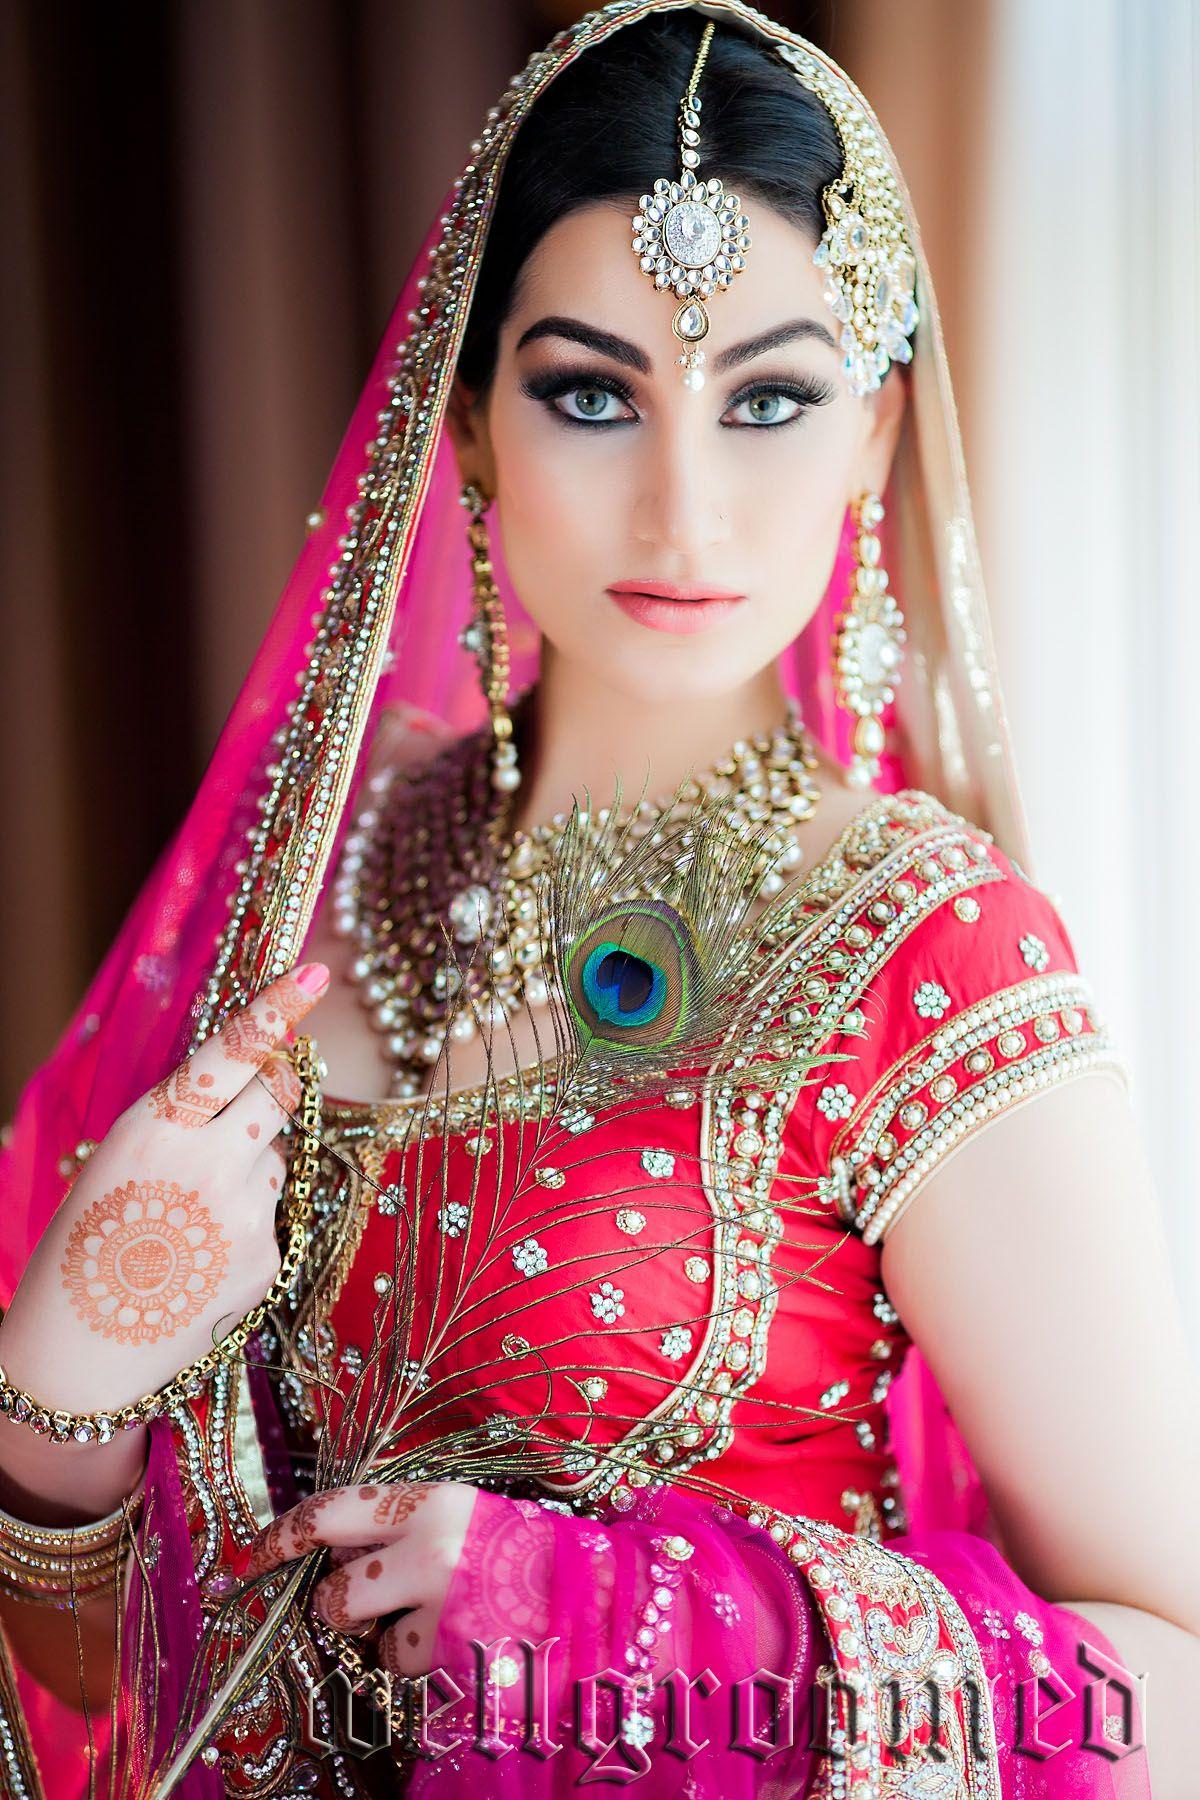 beautiful bride eyes - photo #33